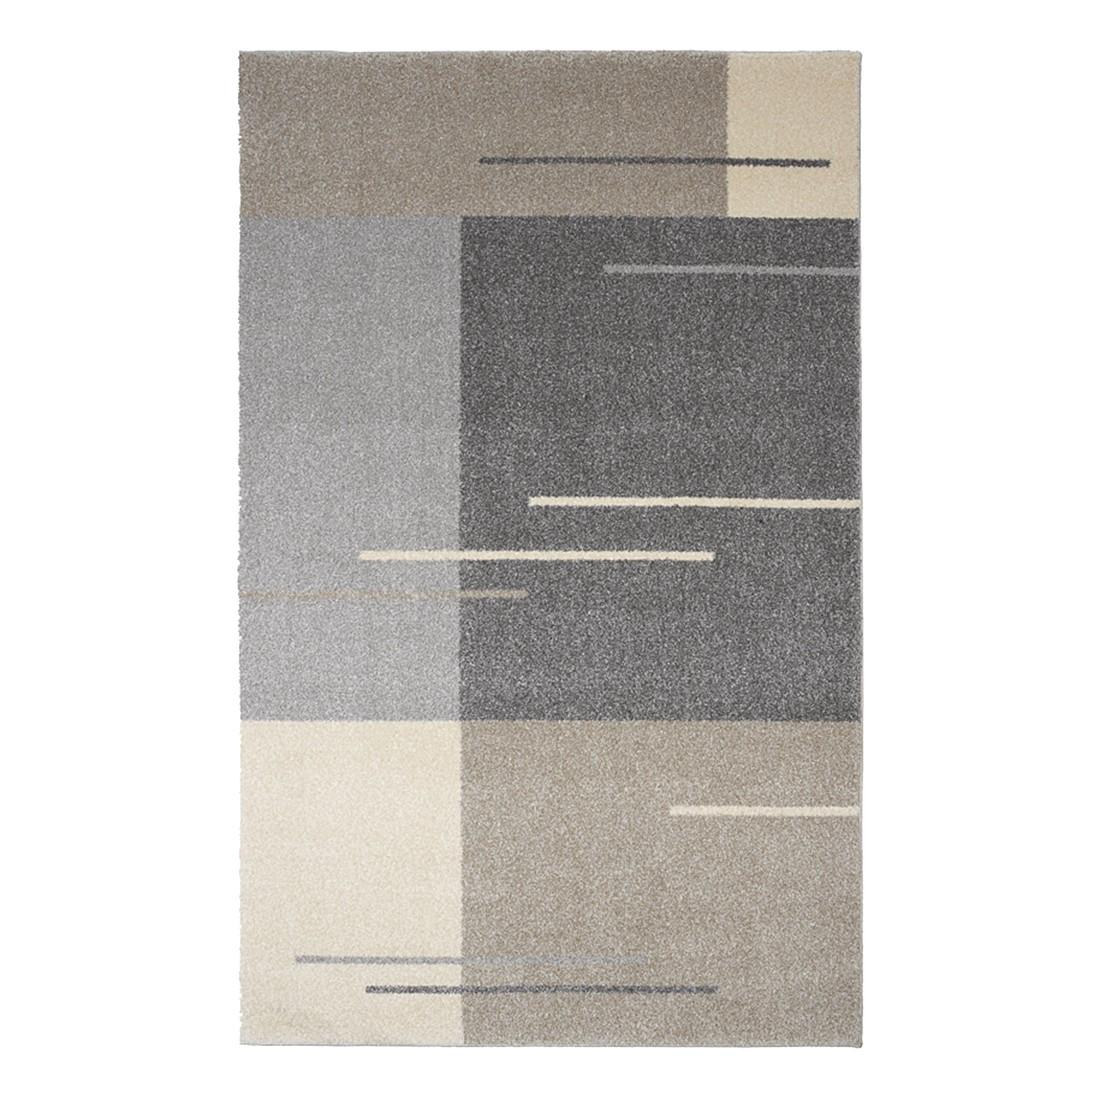 Teppich Samoa II – Beige – 200 x 290 cm, Astra günstig bestellen